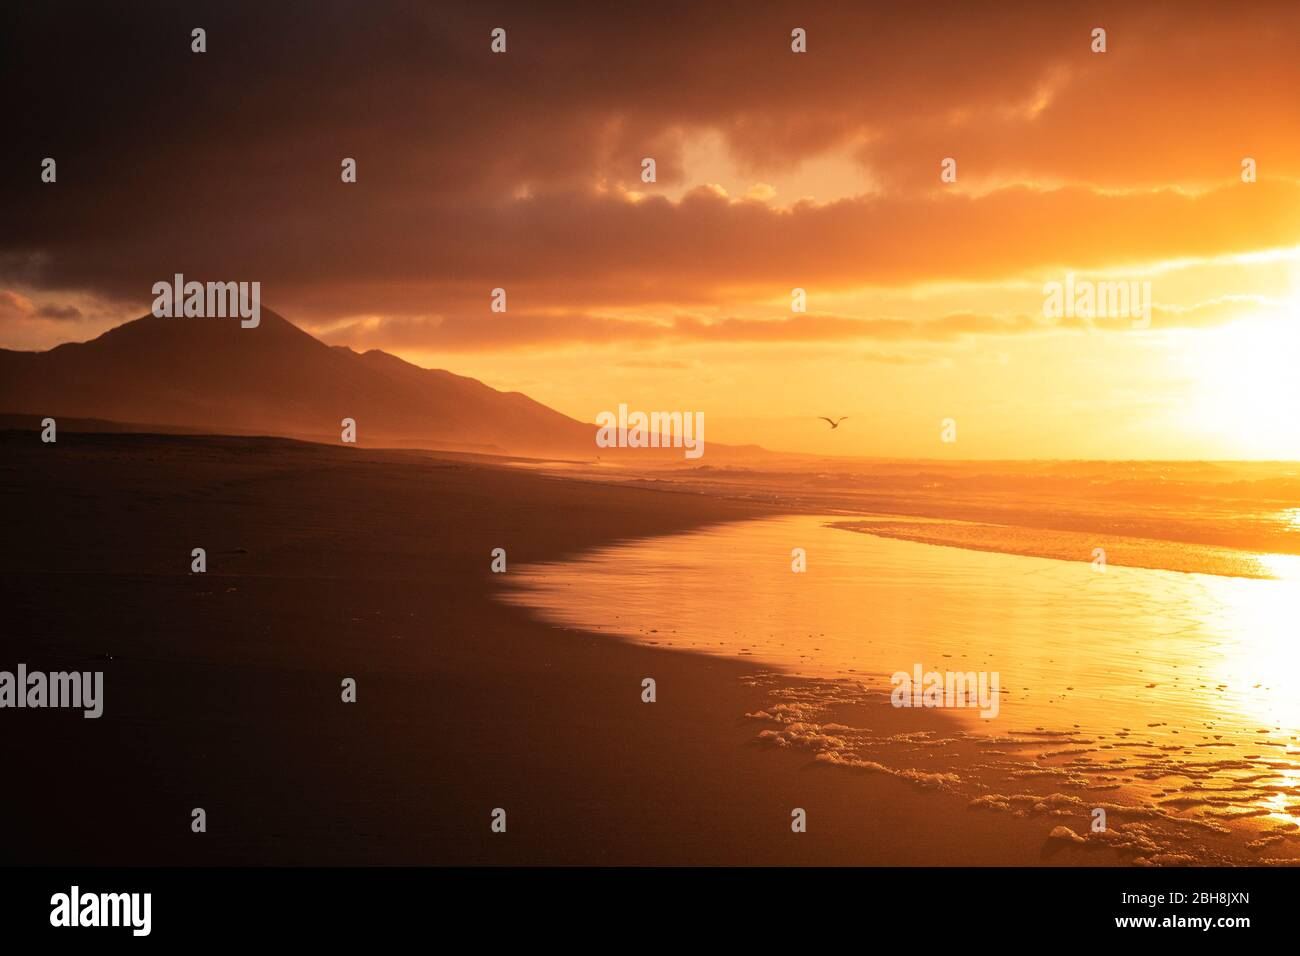 Golden beau coucher de soleil rouge à la plage avec des mouettes volantes pour la liberté et le concept de vacances - personne dans un endroit tropical sauvage pittoresque avec l'océan et les montagnes - calme et paysage de paix sur les côtes de vacances d'été Banque D'Images